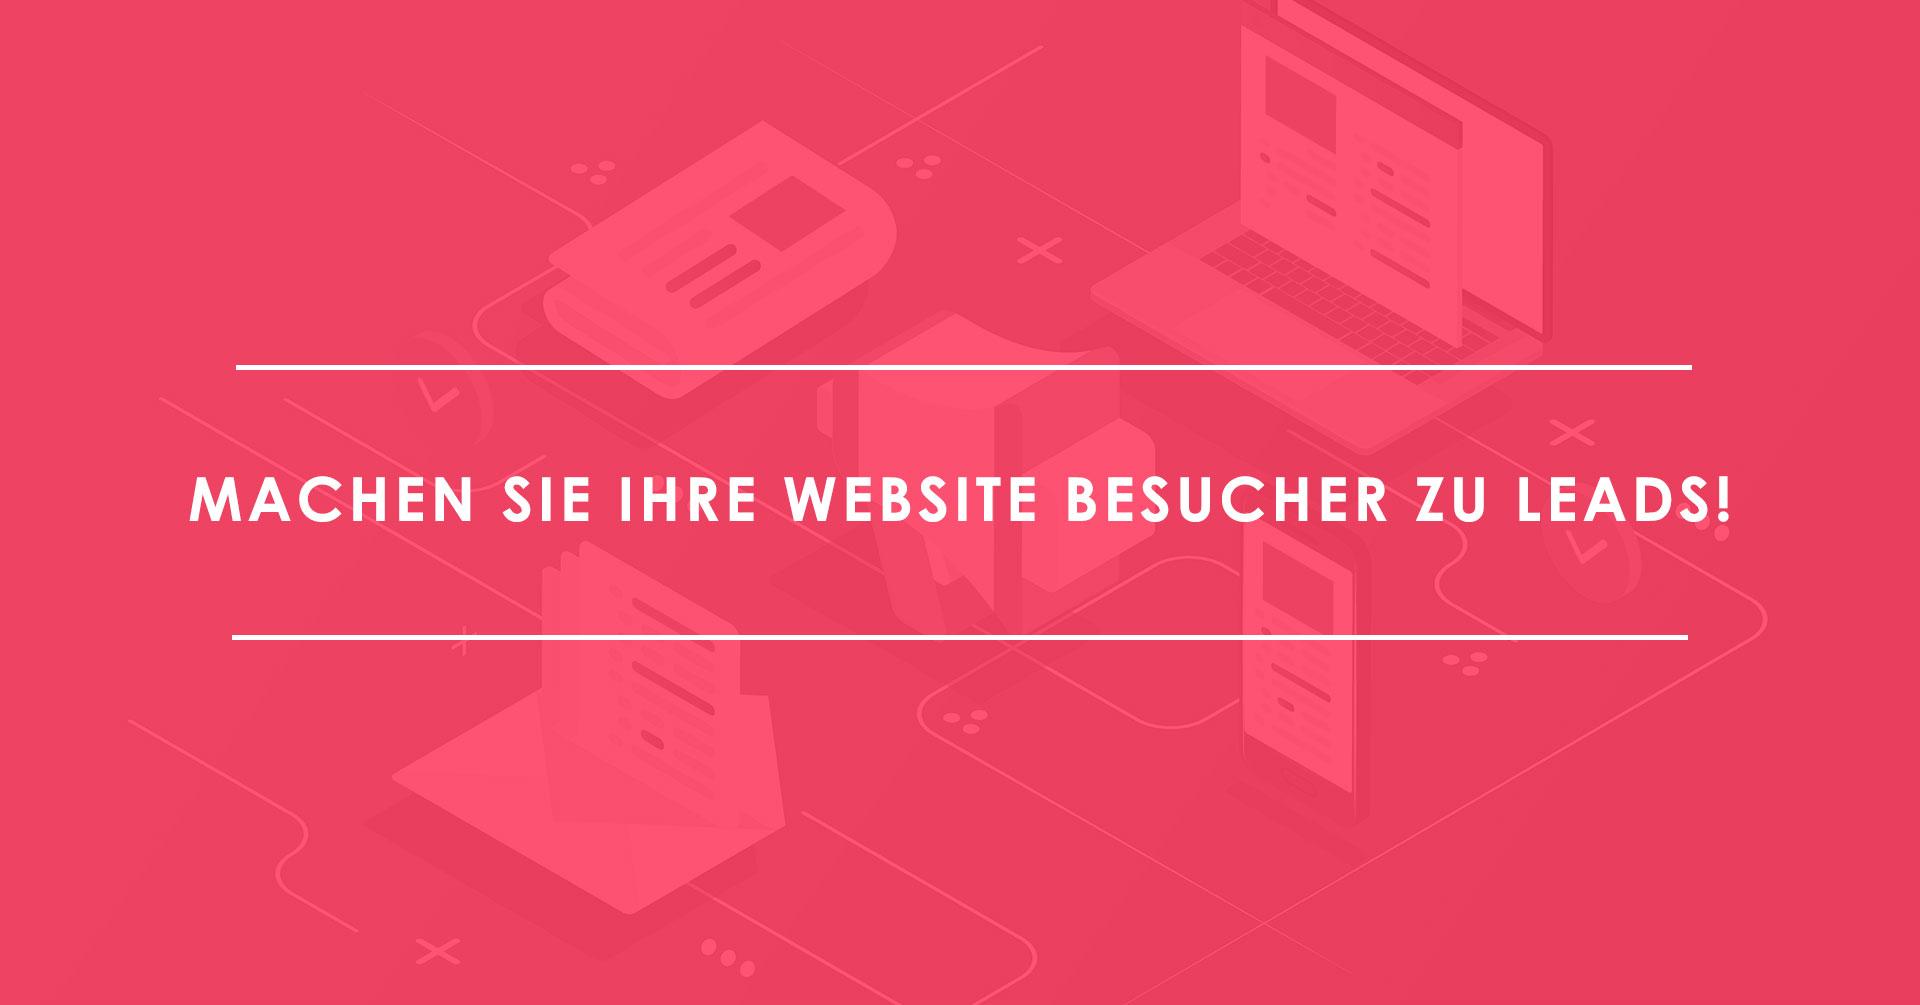 Nutzen-Sie-Ihre-Website-zur-Leadgenerierung!